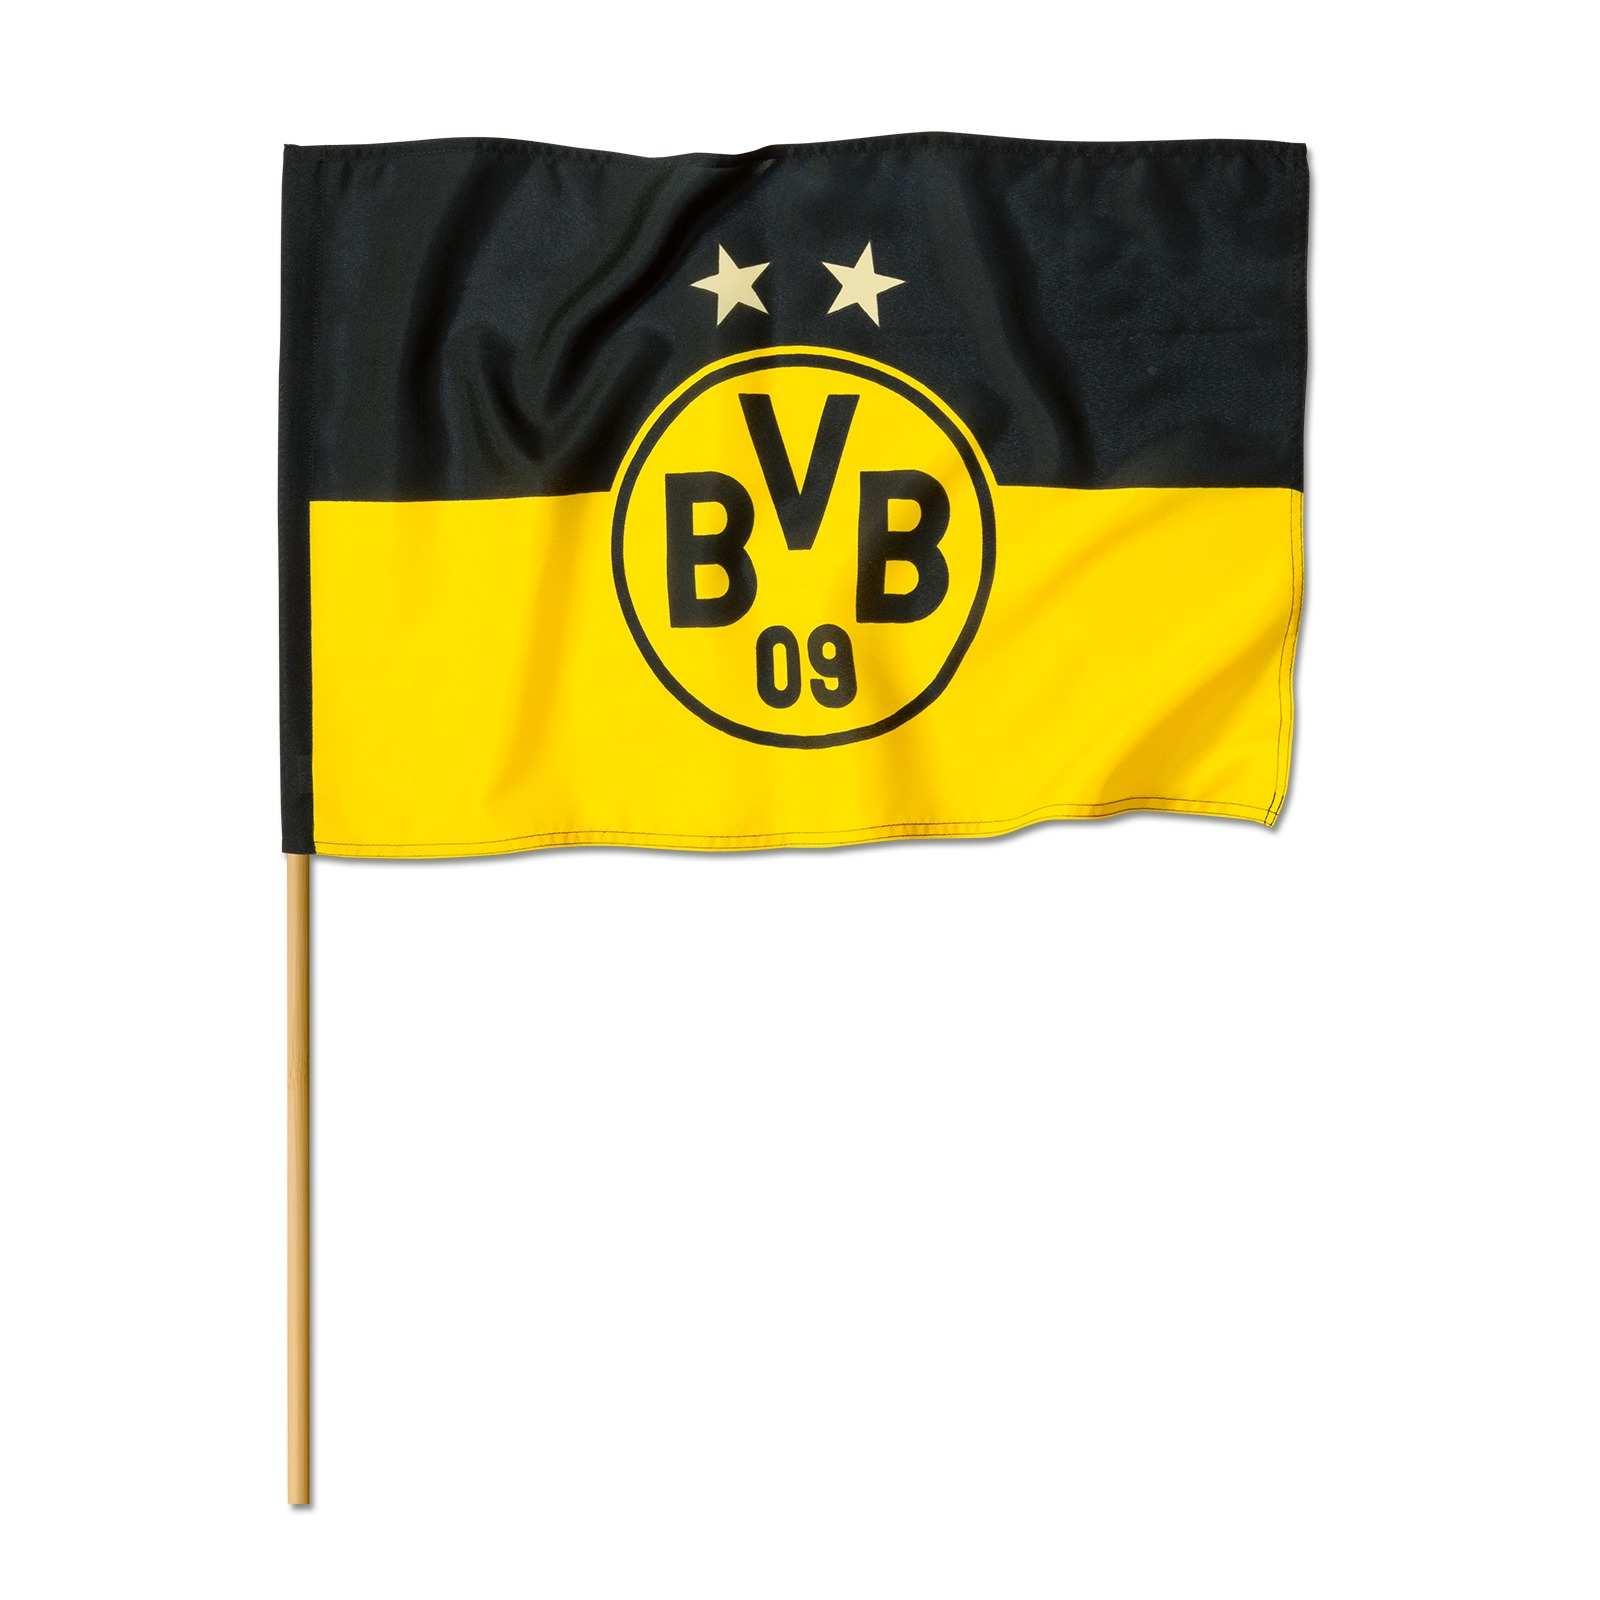 BVB Schal mit zwei Sternen